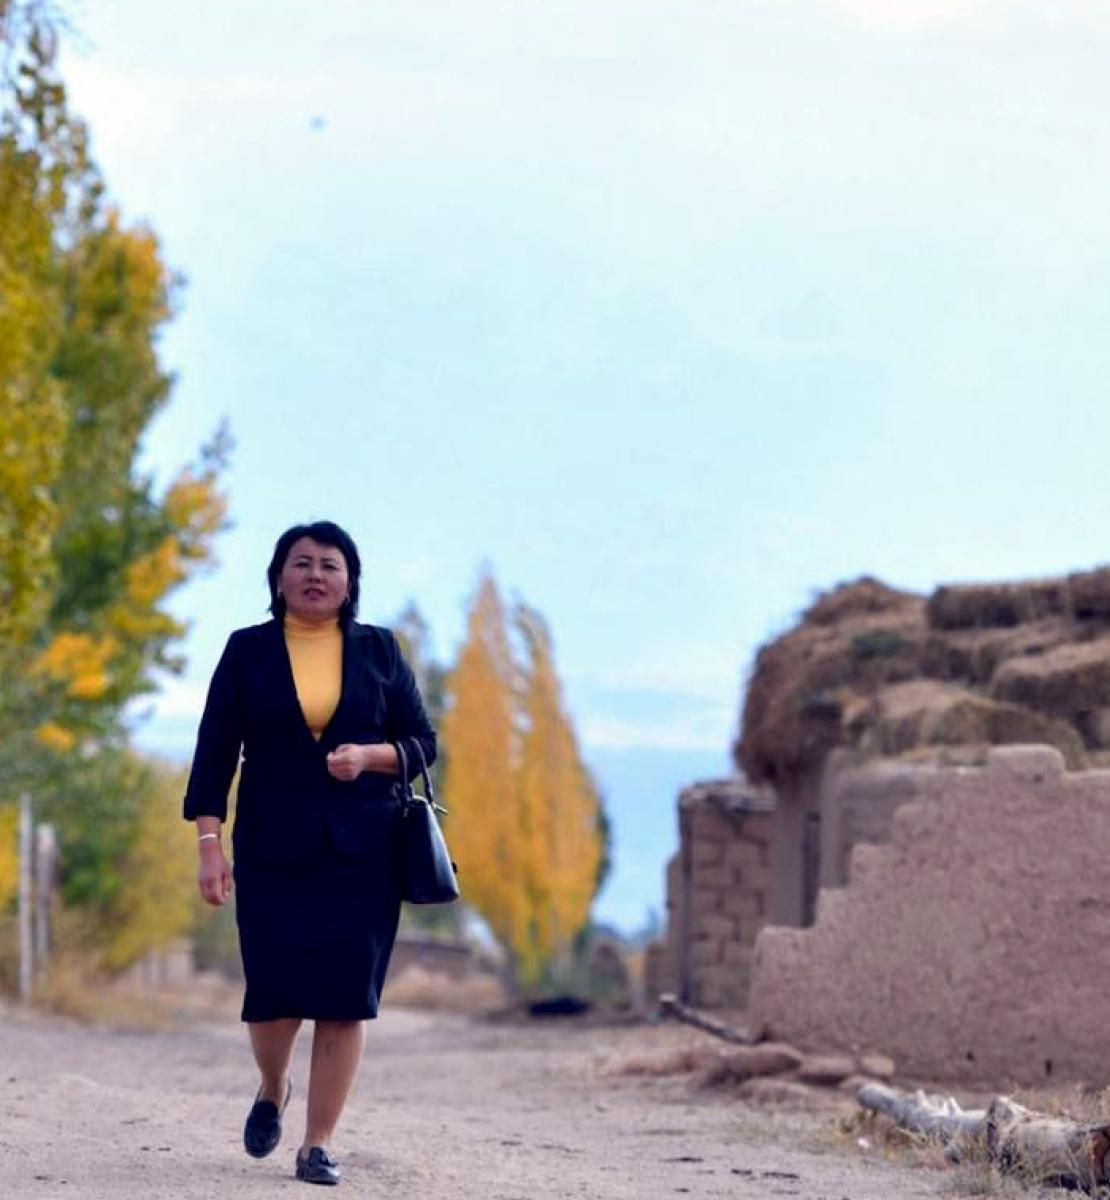 一个身穿黑色西装和黄色衬衫的女人昂首阔步走在路上。